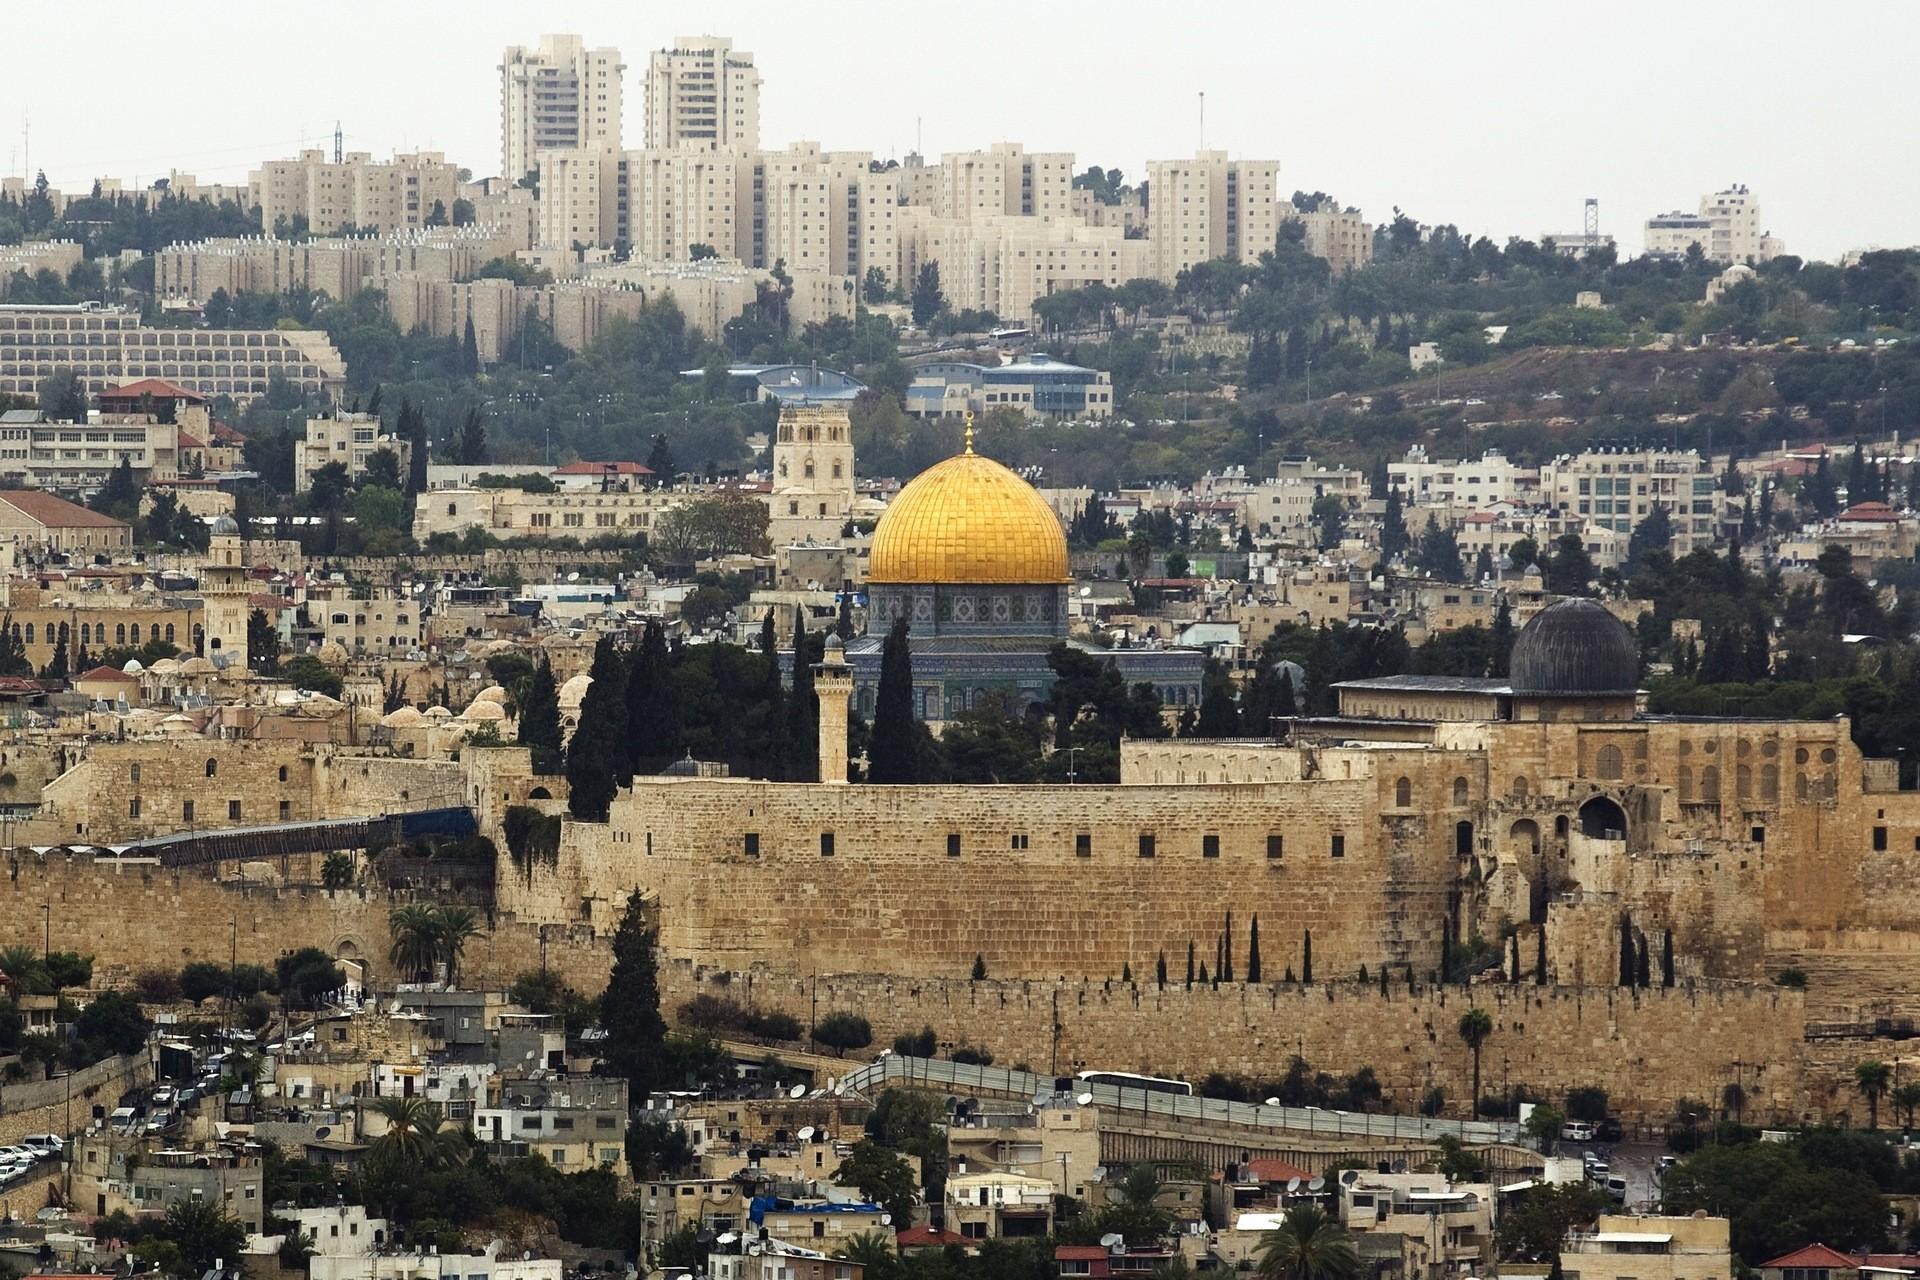 Мировые лидеры осуждают решение Трампа о признании Иерусалима столицей Израиля